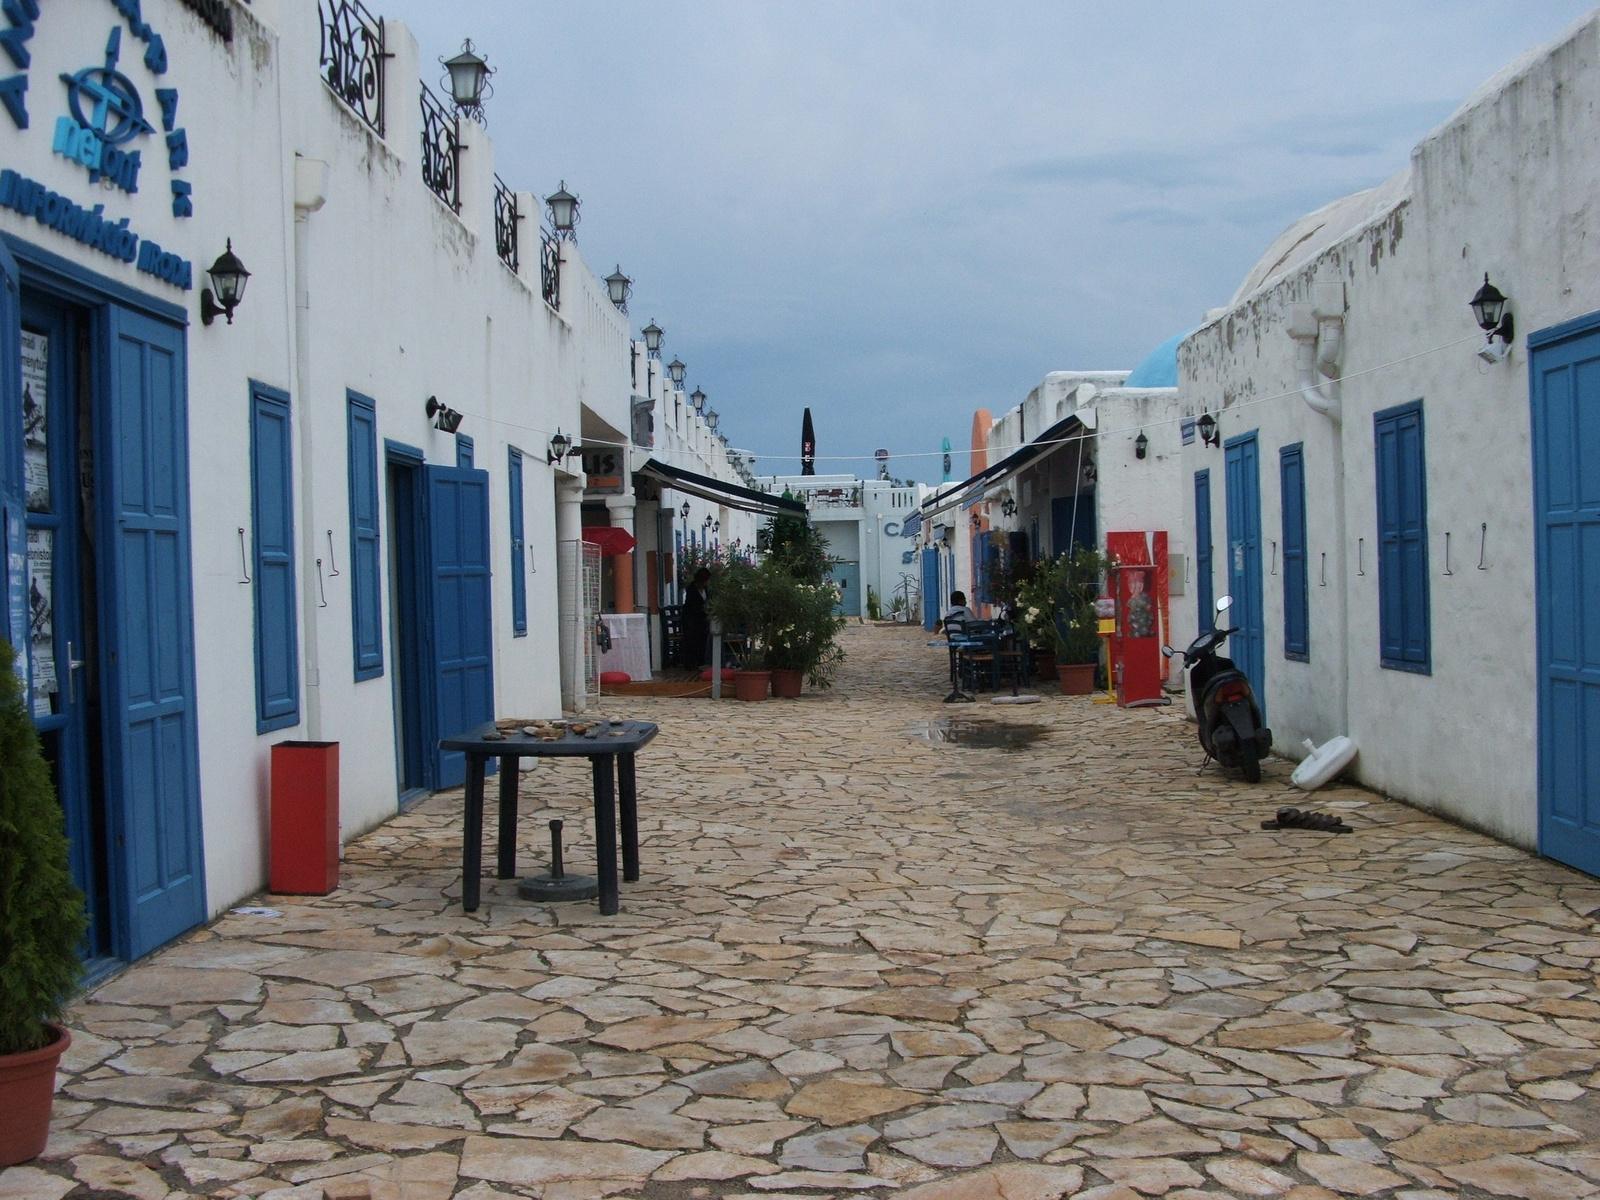 Itt még görög szinekben